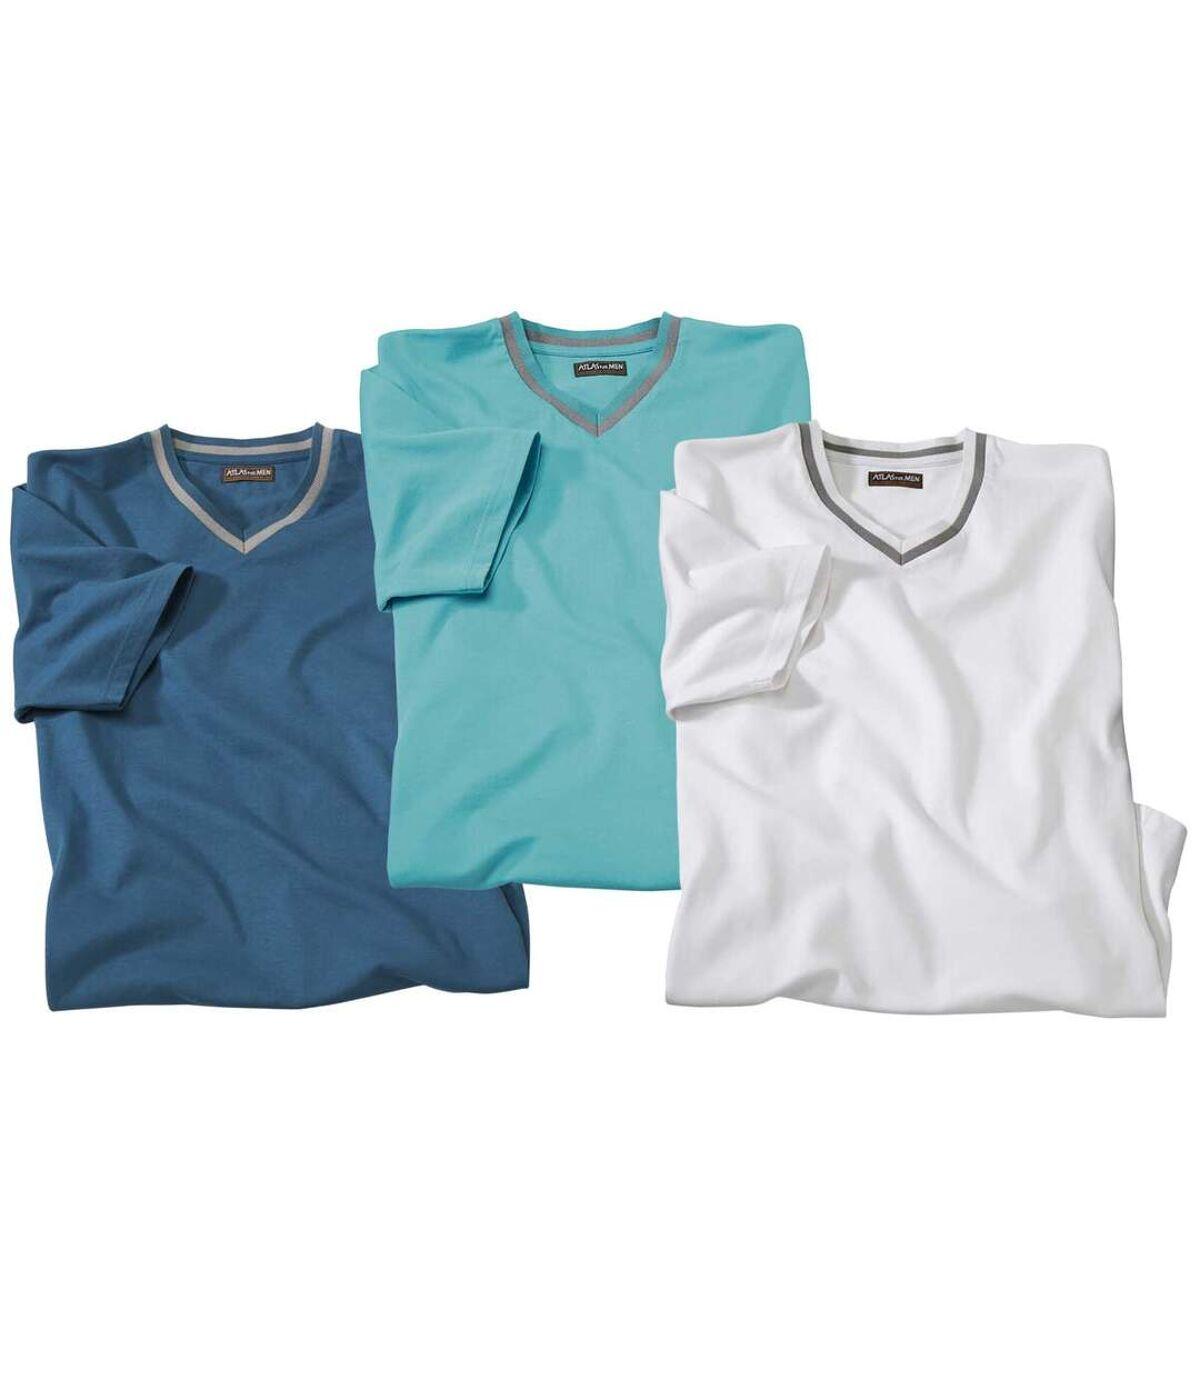 3er-Pack T-Shirts mit V-Ausschnitt Atlas For Men